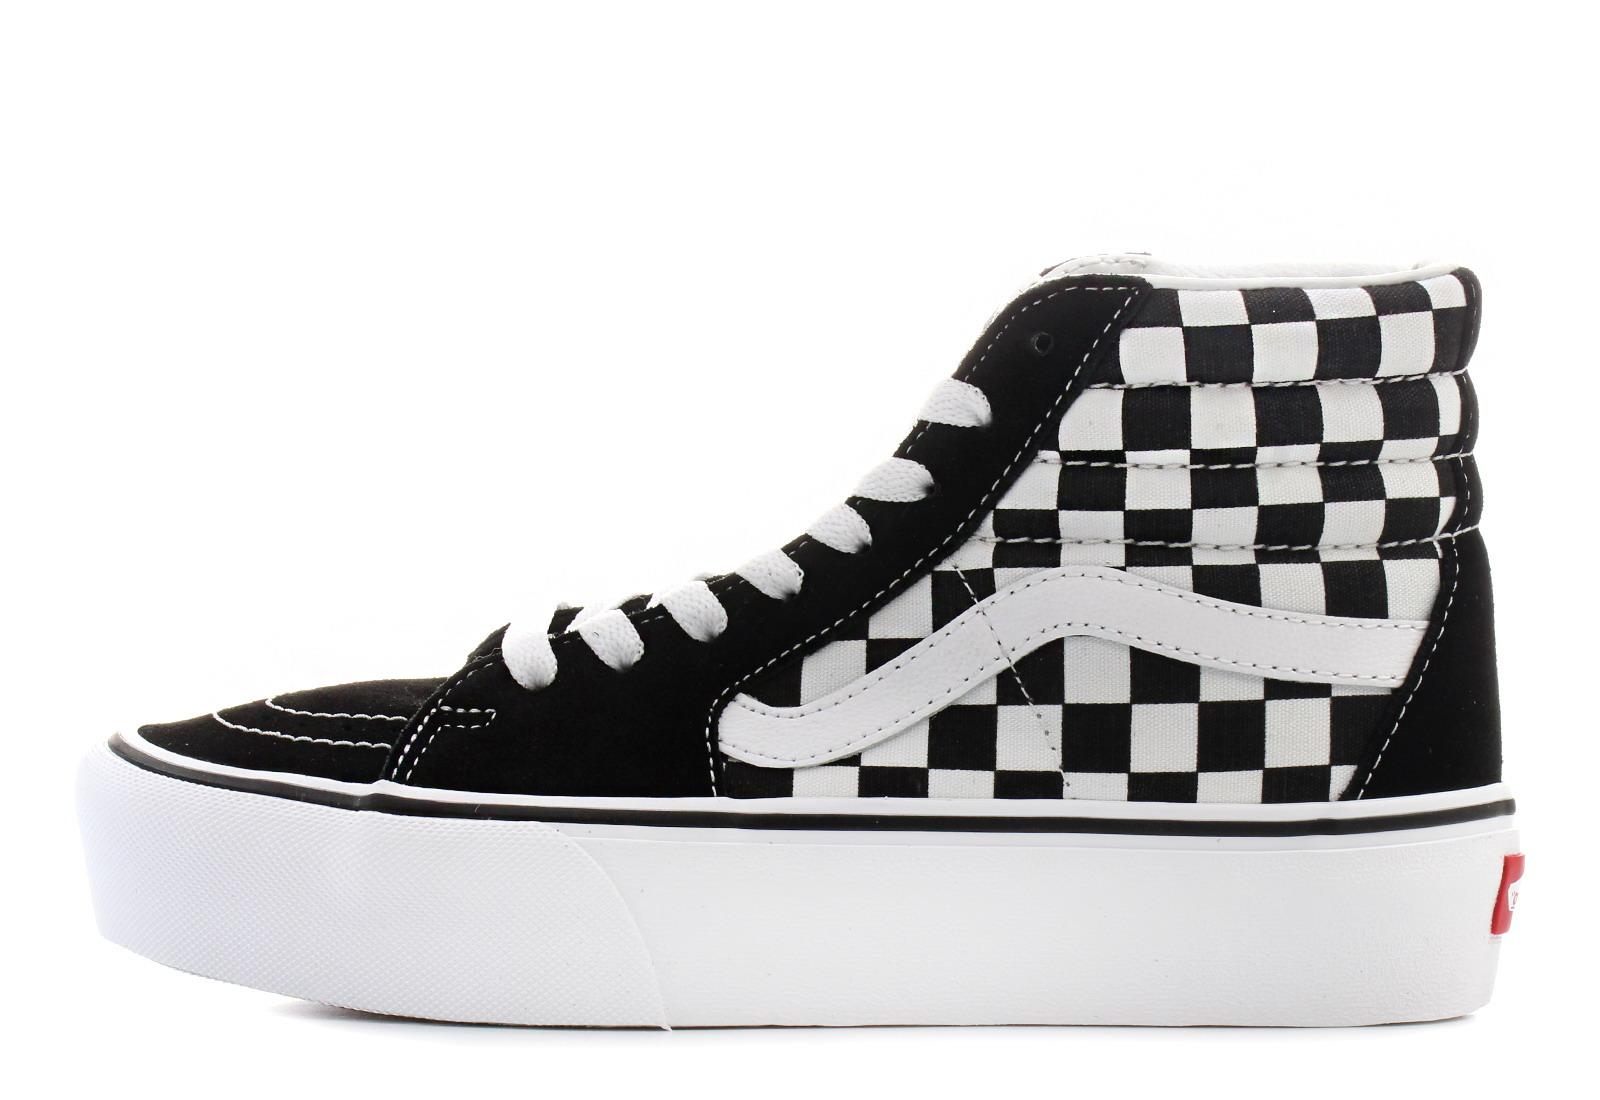 6d5b0c736a Vans Sneakers - Sk8-hi Platform 2.0 - VA3TKNQXH - Online shop for ...